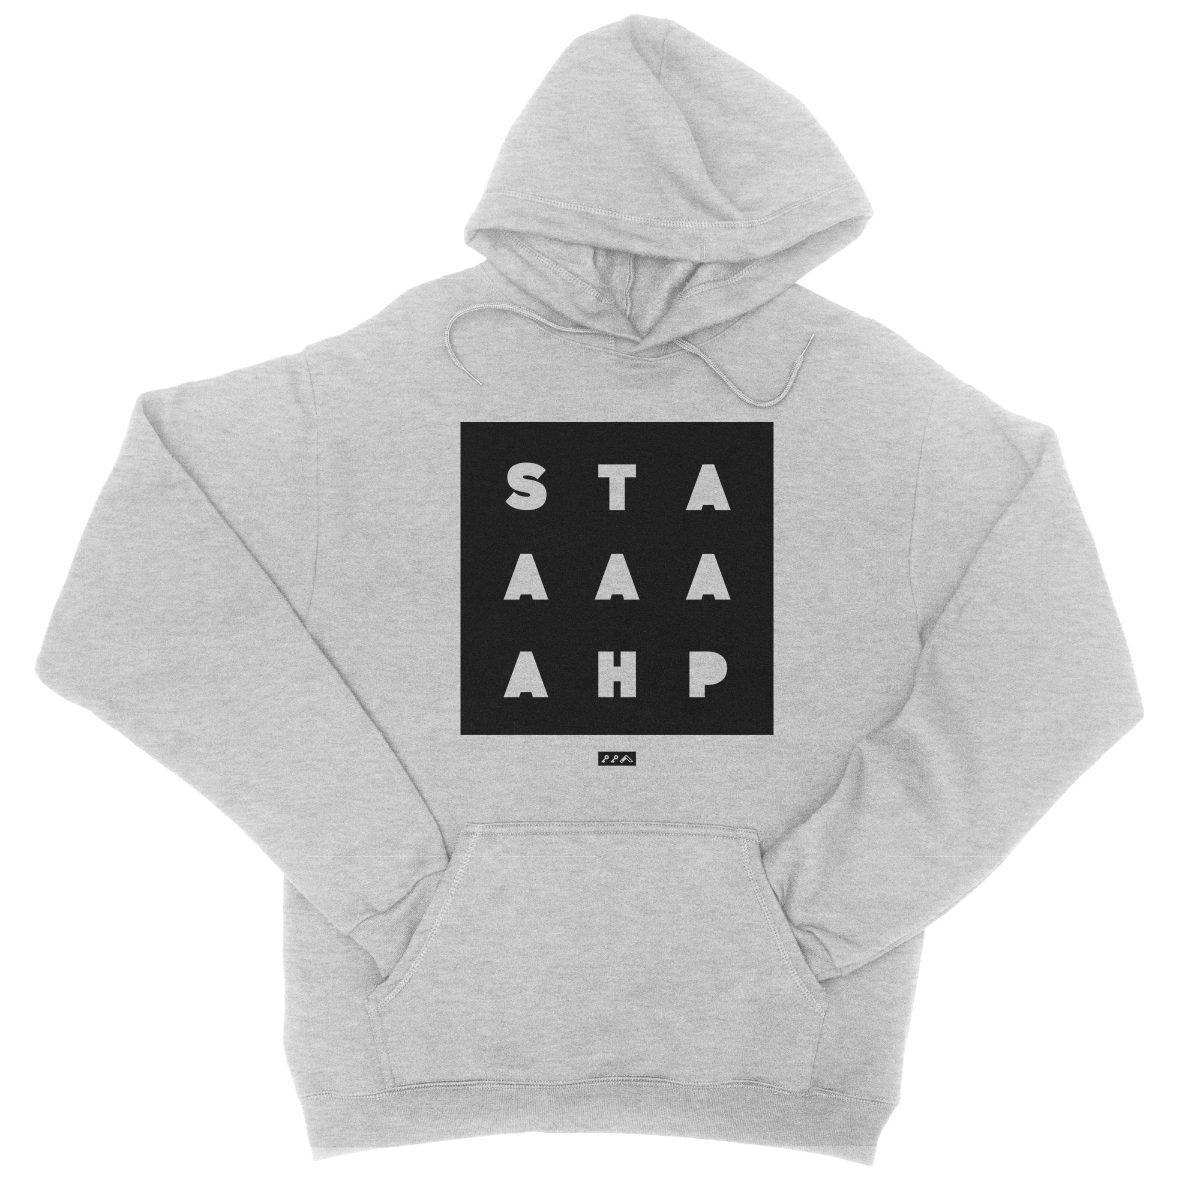 """""""STAAAAAHP"""" funny philly slang hoodie sweatshirt in grey"""